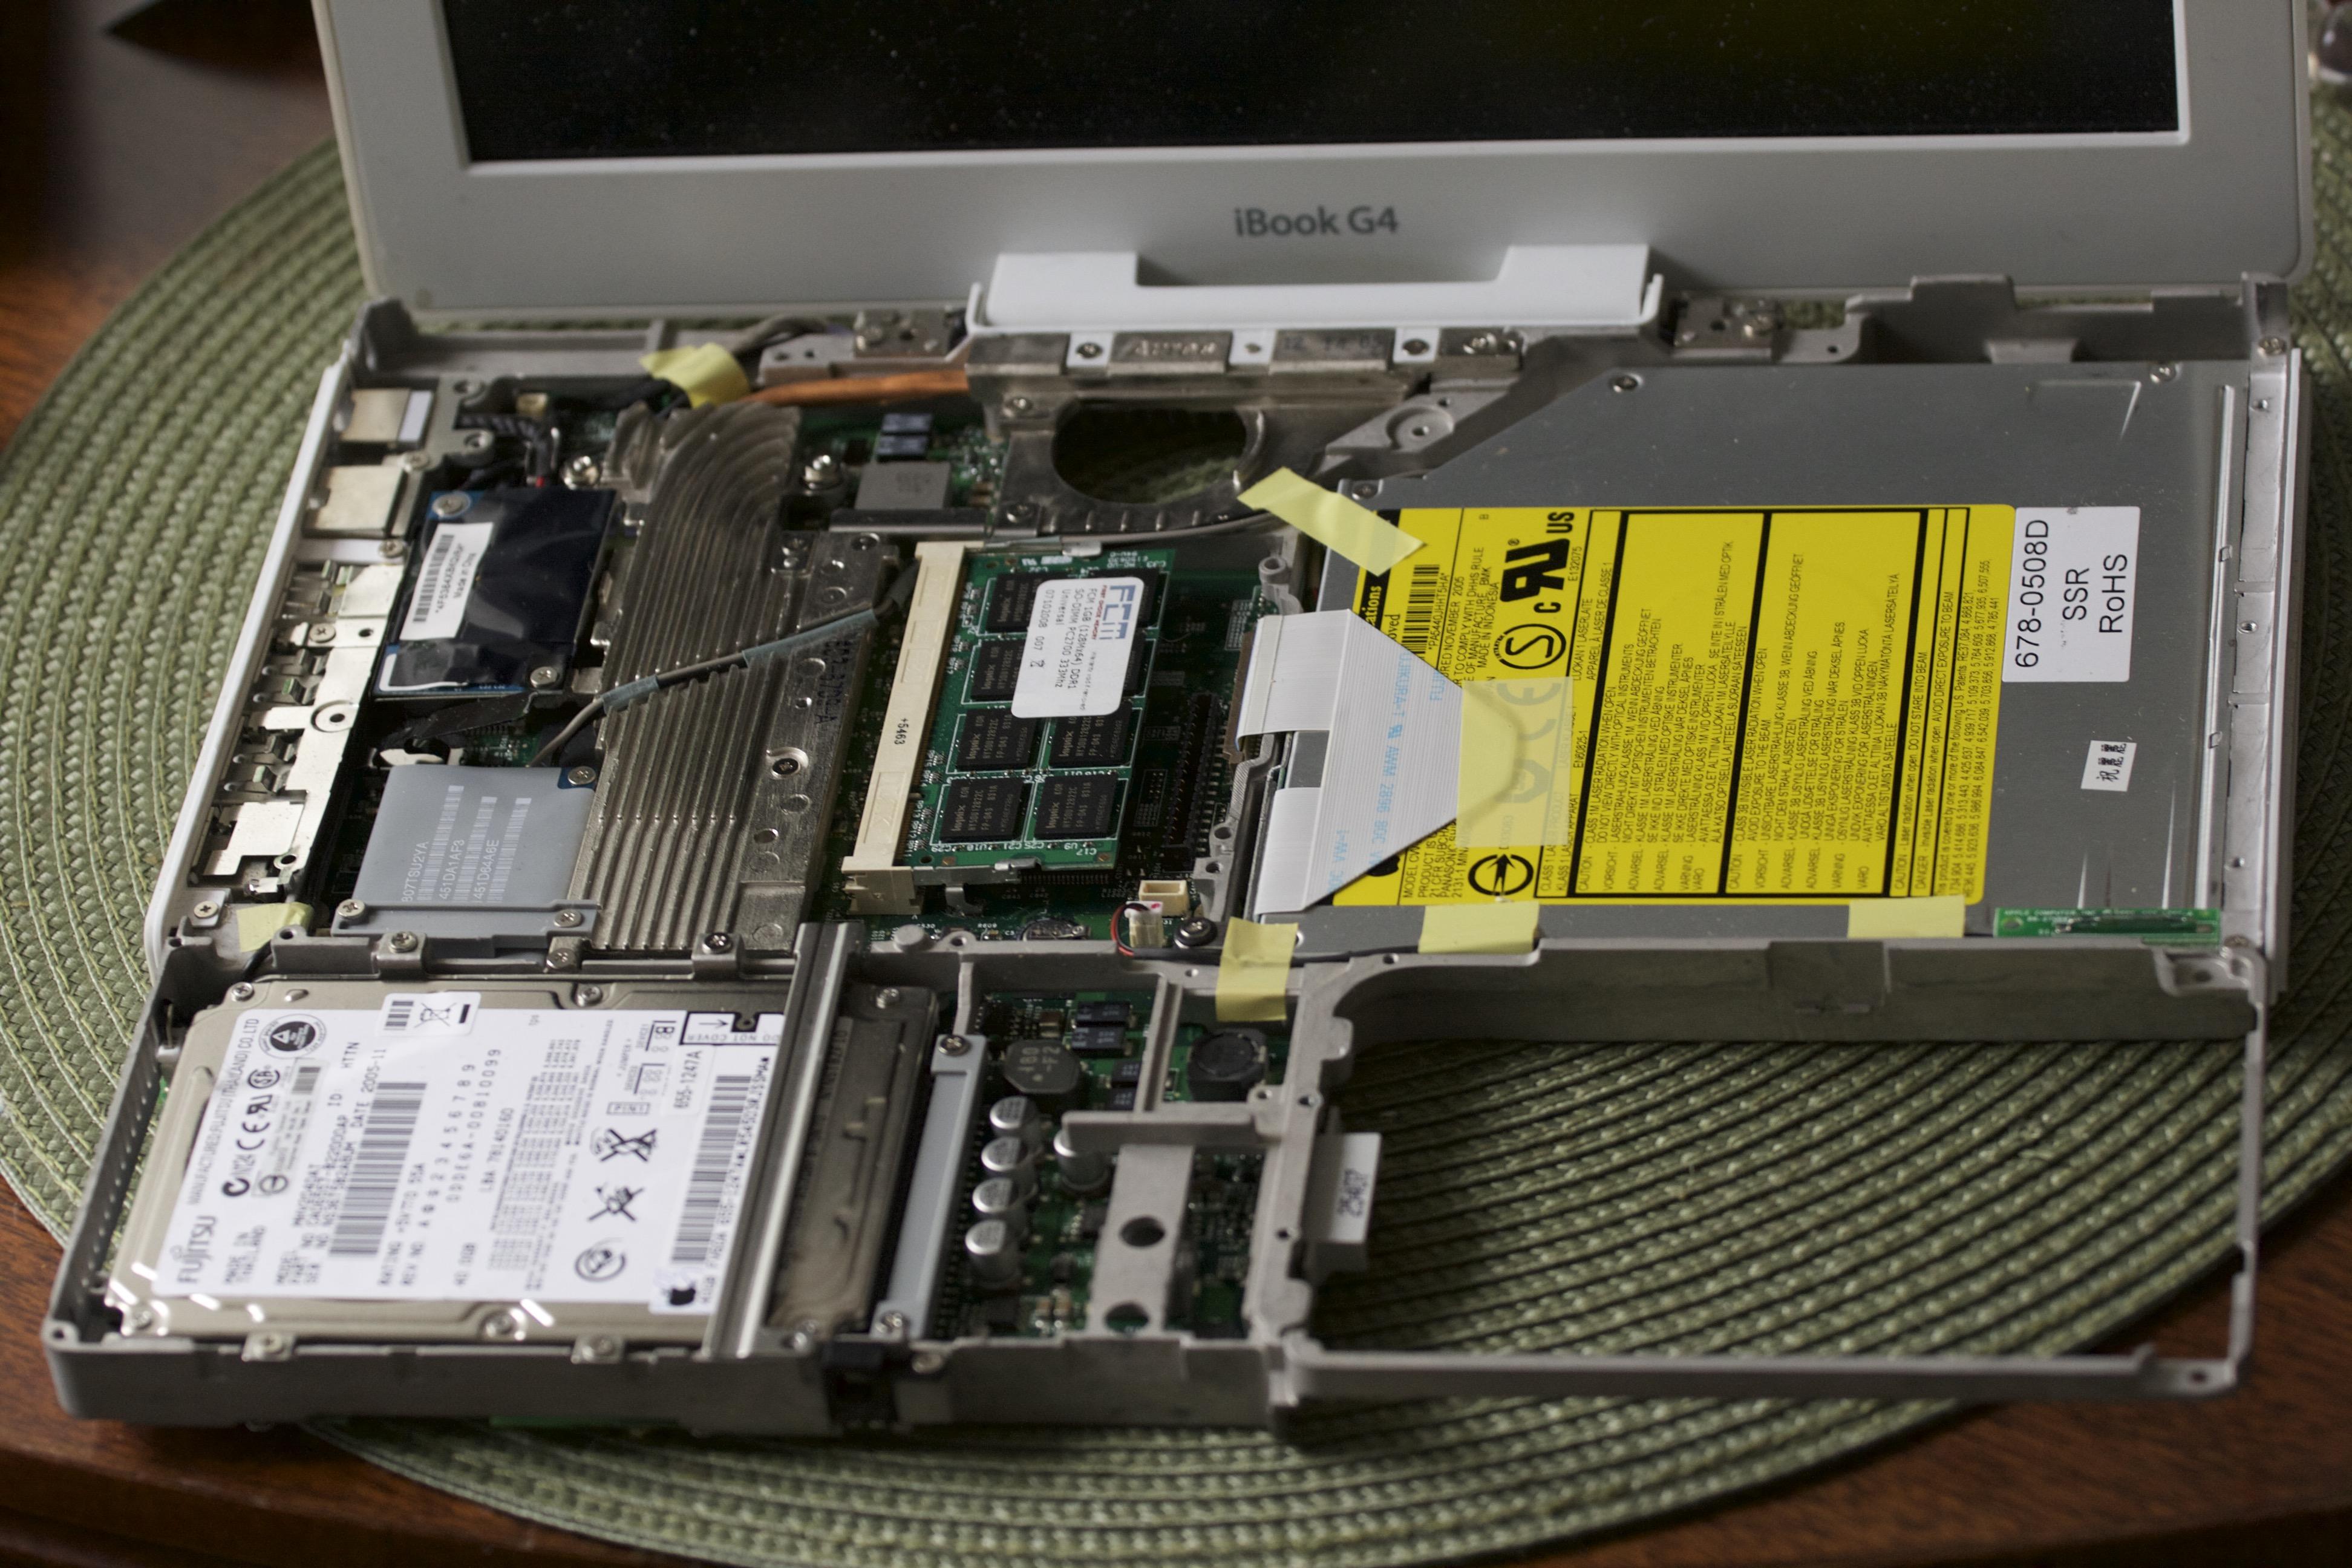 open iBook G4